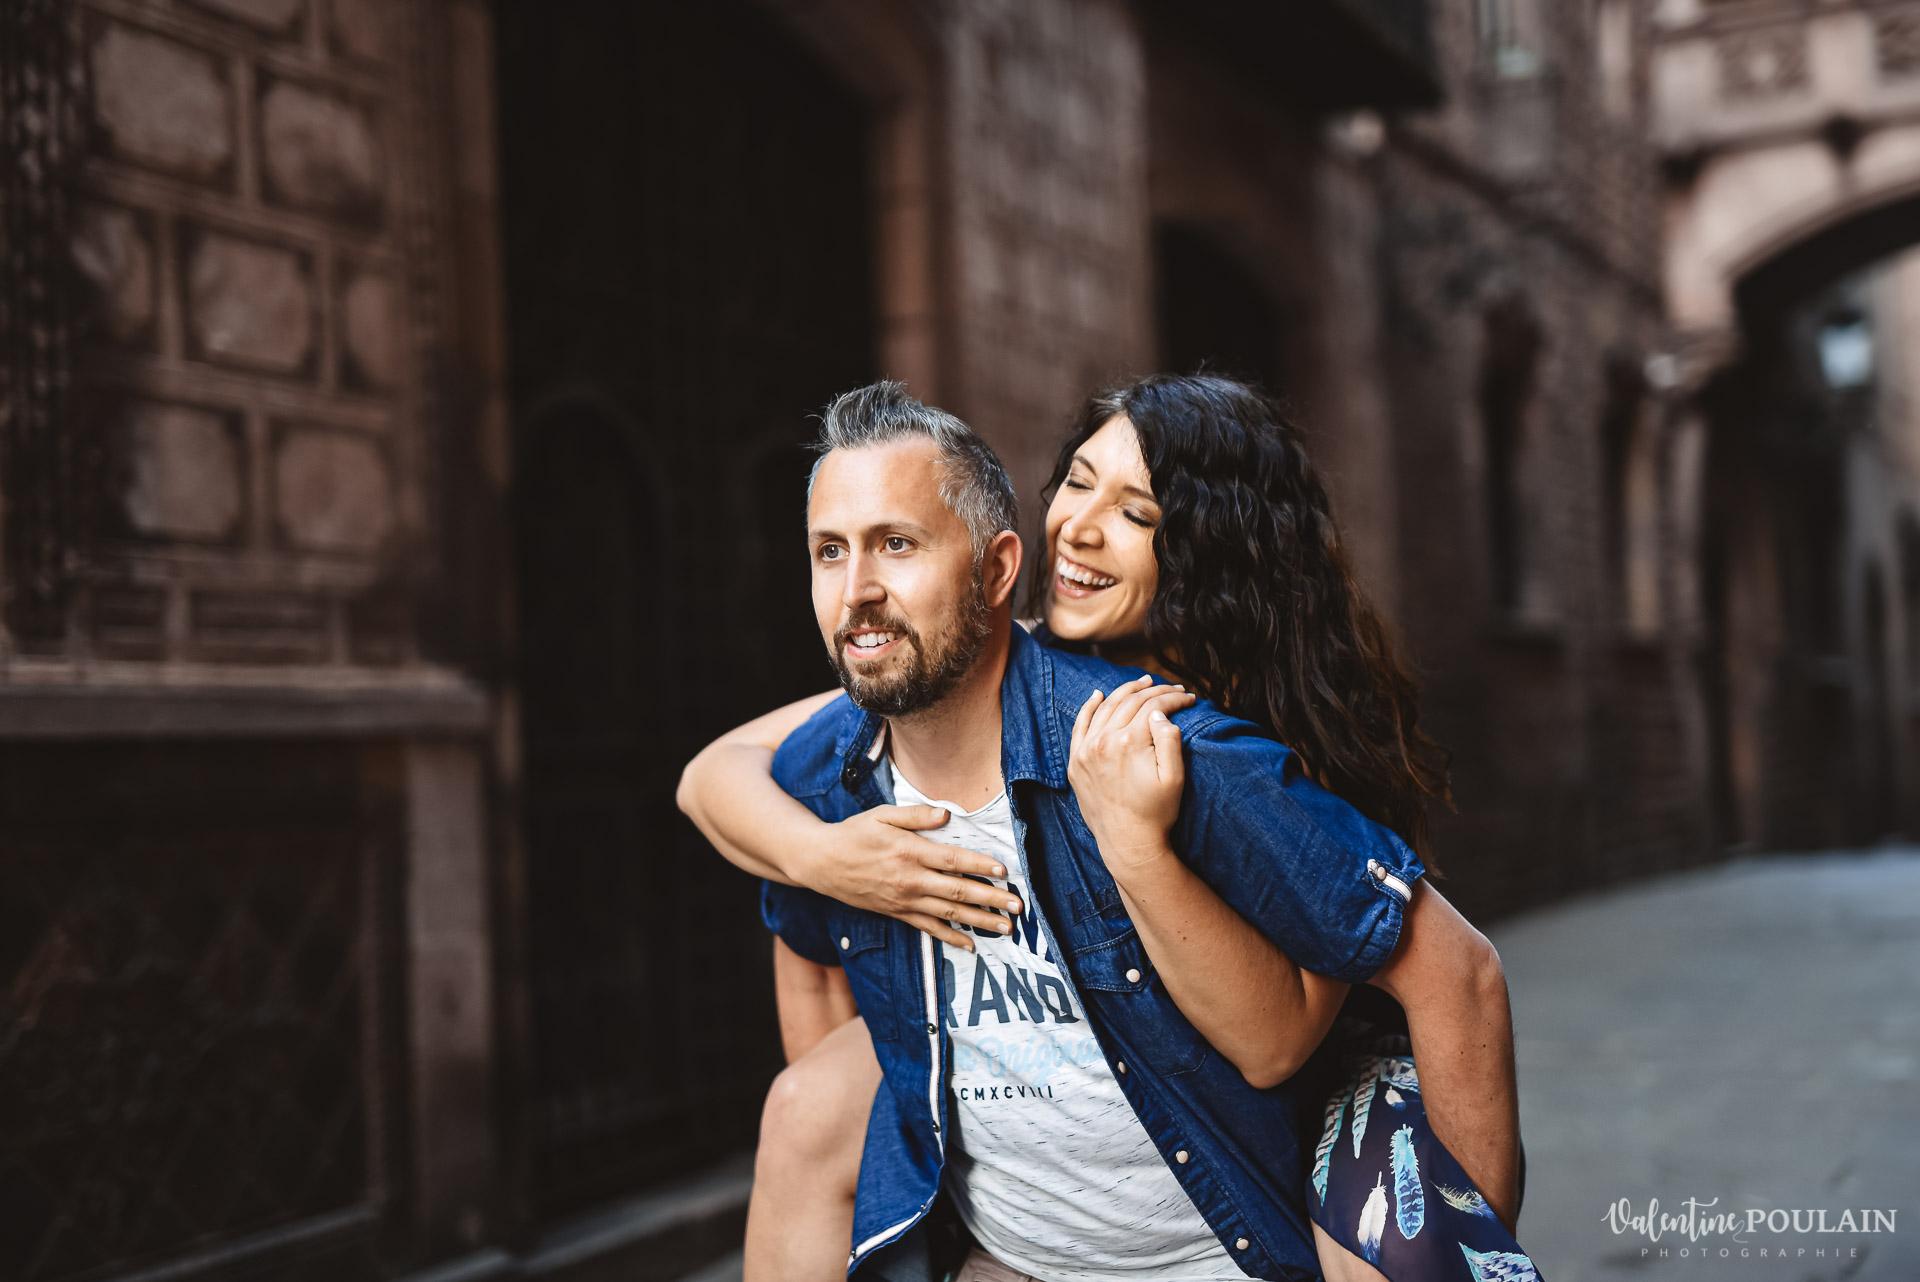 Séance photo couple Barcelone - Valentine Poulain enfants couleur